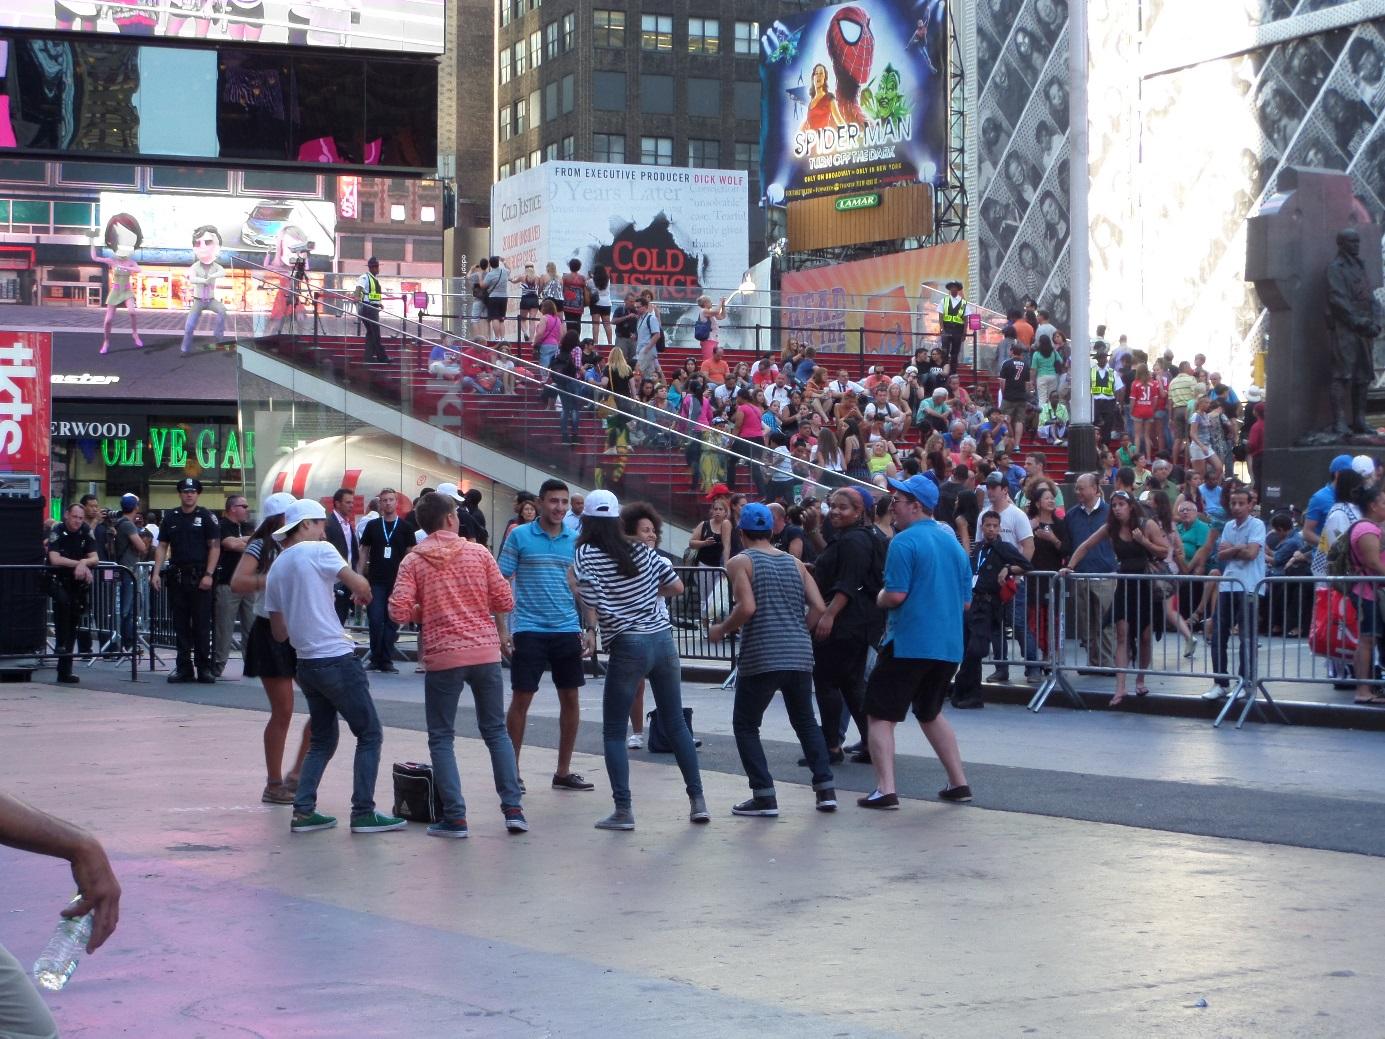 삼성 언팩 뉴욕 생중계 모습입니다.